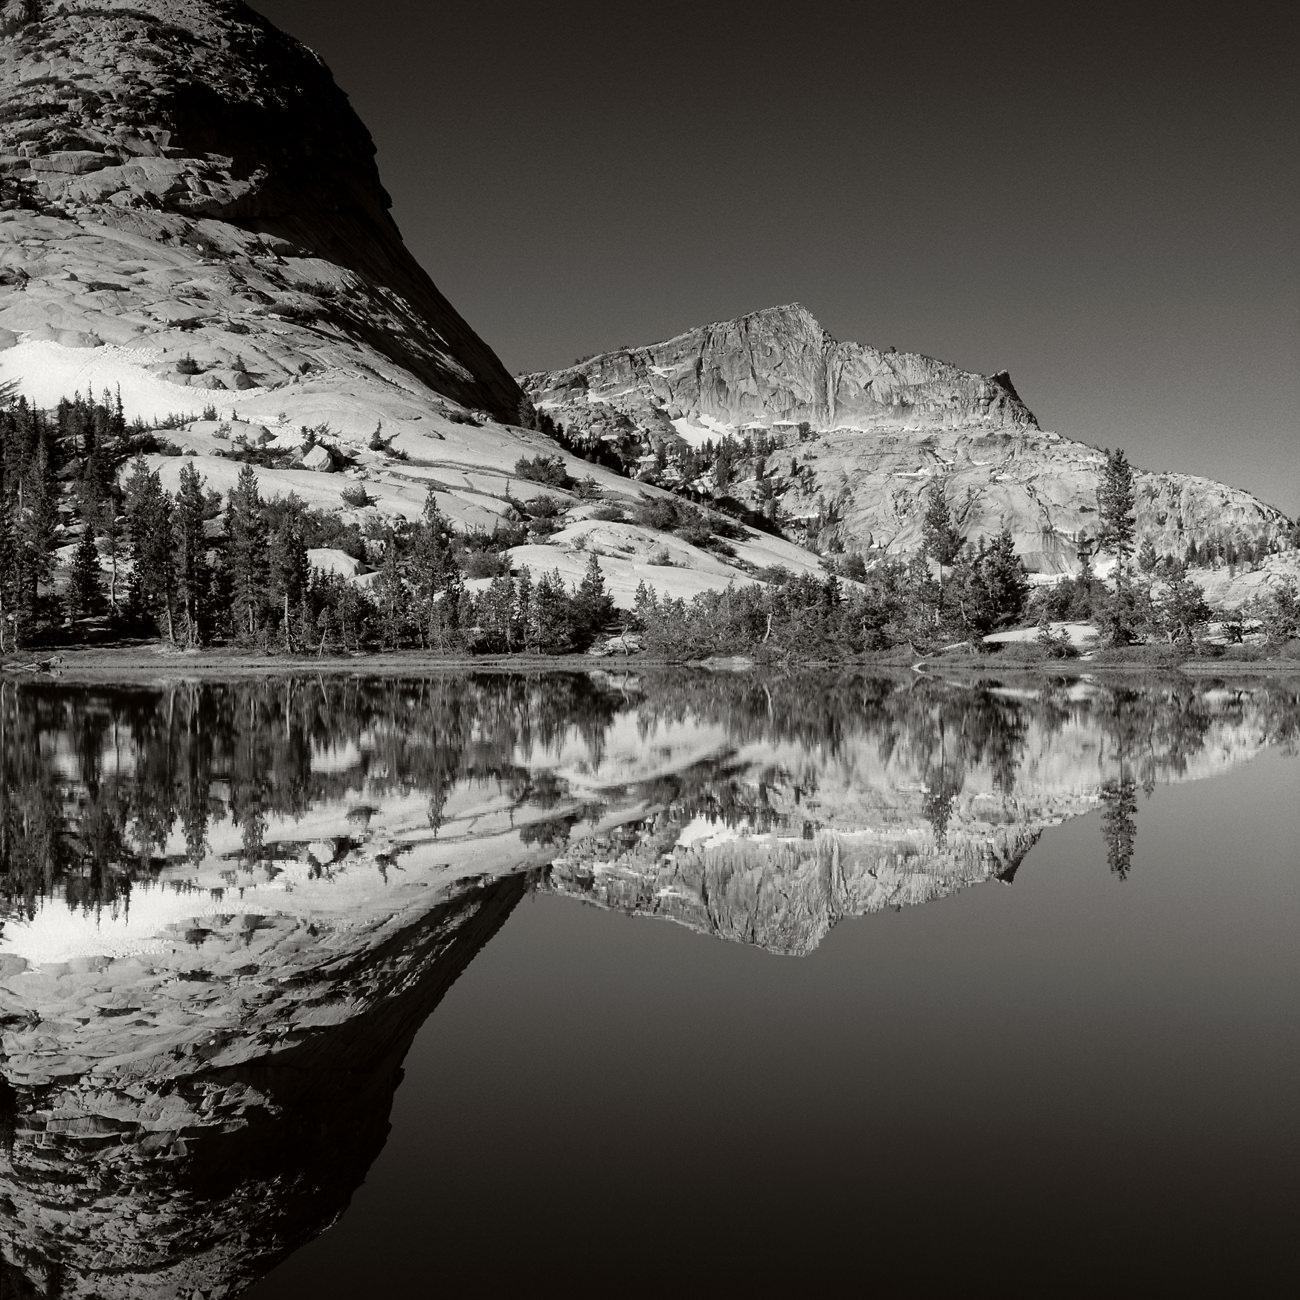 Yosemite_Cathedral_Lake_2.jpg